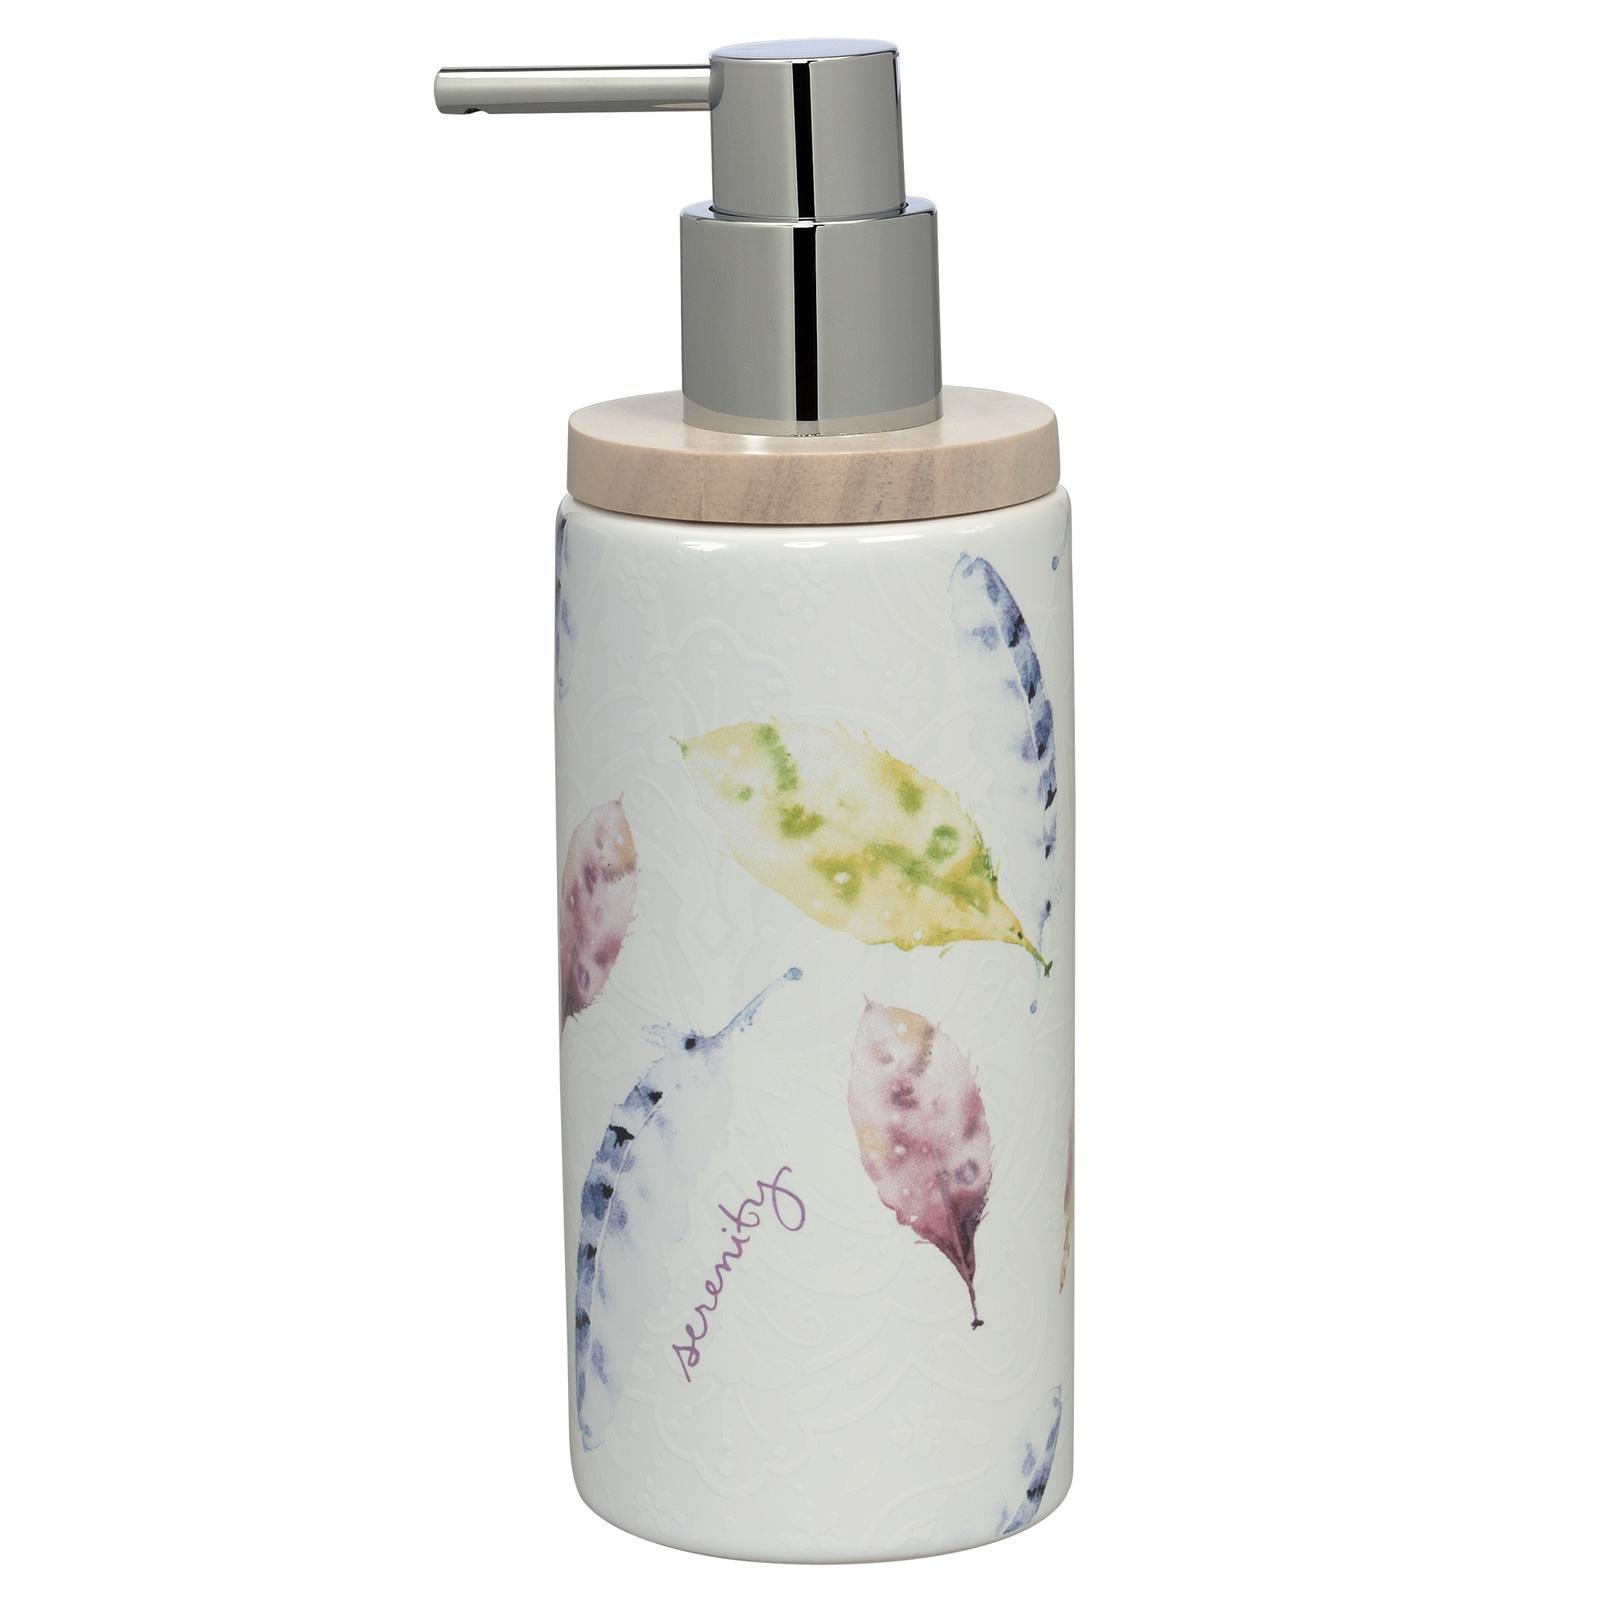 Диспенсер для мыла Creative Bath Daydream, белый